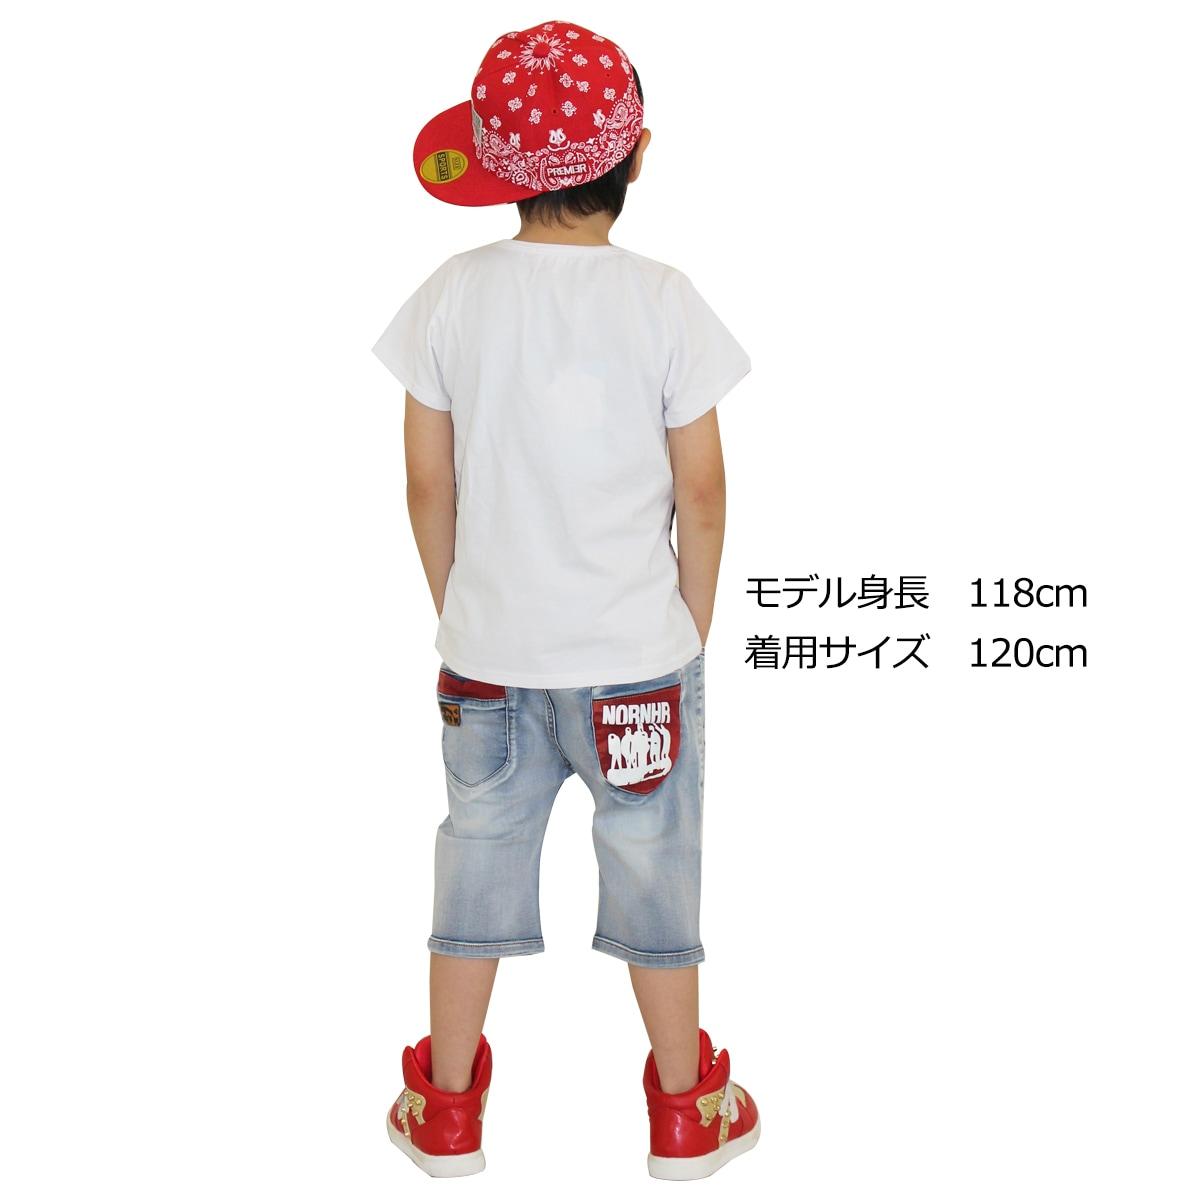 男の子着用画像